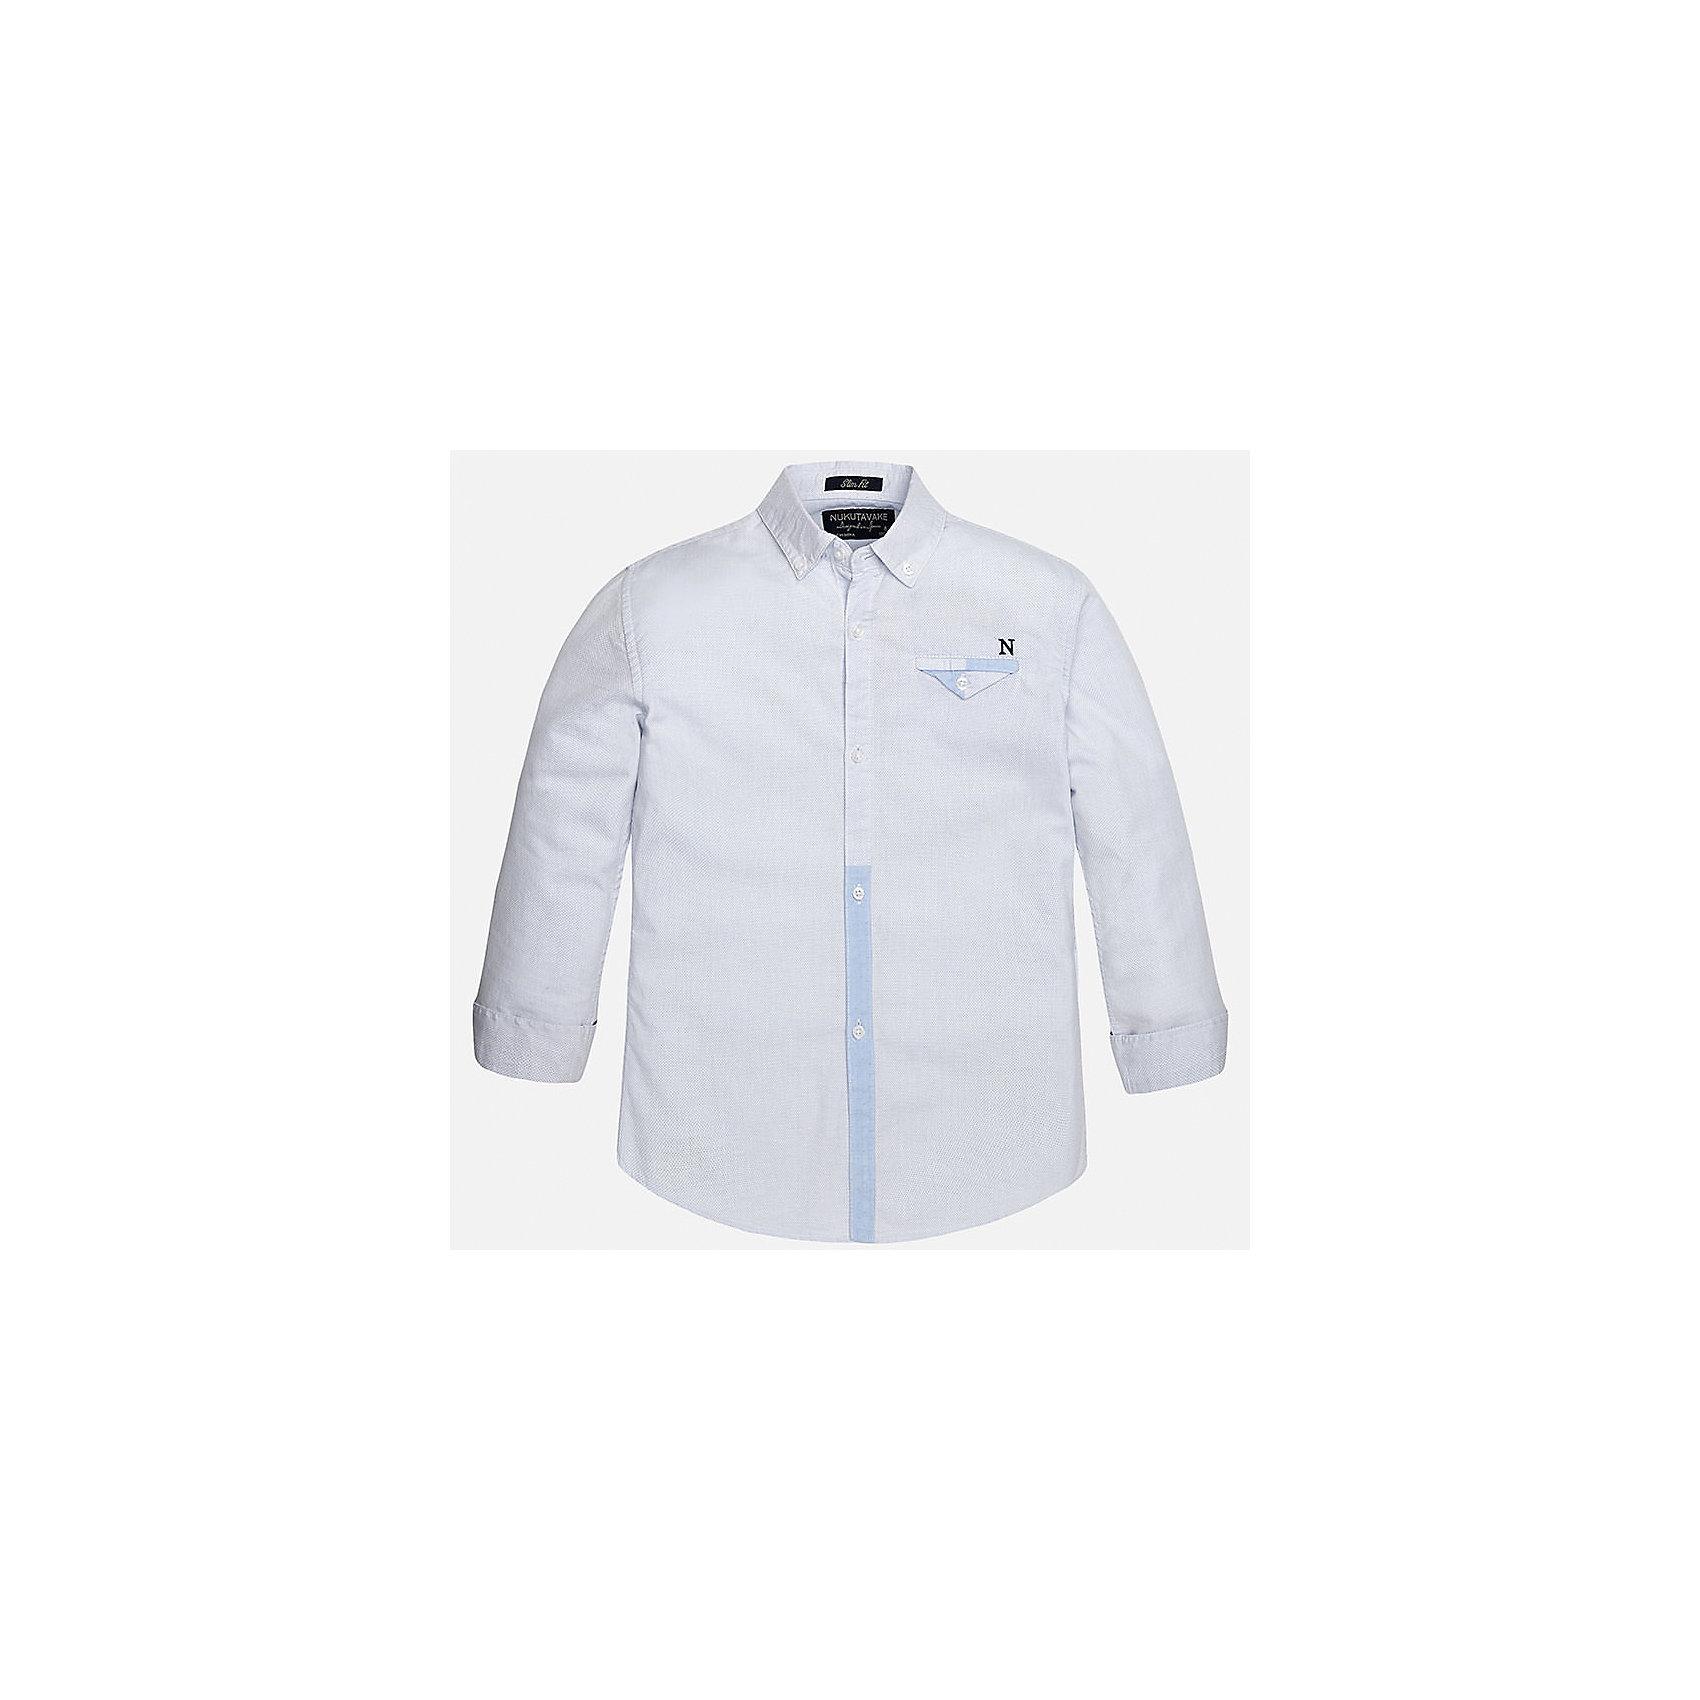 Рубашка для мальчика MayoralБлузки и рубашки<br>Характеристики товара:<br><br>• цвет: голубой<br>• состав: 100% хлопок<br>• отложной воротник<br>• декорирована карманом на груди<br>• рукава с отворотами<br>• застежки: пуговицы<br>• страна бренда: Испания<br><br>Модная рубашка поможет разнообразить гардероб мальчика. Она отлично сочетается с брюками, шортами, джинсами. Универсальный крой и цвет позволяет подобрать к вещи низ разных расцветок. Практичное и стильное изделие! Хорошо смотрится и комфортно сидит на детях. В составе материала - только натуральный хлопок, гипоаллергенный, приятный на ощупь, дышащий. <br><br>Одежда, обувь и аксессуары от испанского бренда Mayoral полюбились детям и взрослым по всему миру. Модели этой марки - стильные и удобные. Для их производства используются только безопасные, качественные материалы и фурнитура. Порадуйте ребенка модными и красивыми вещами от Mayoral! <br><br>Рубашку для мальчика от испанского бренда Mayoral (Майорал) можно купить в нашем интернет-магазине.<br><br>Ширина мм: 174<br>Глубина мм: 10<br>Высота мм: 169<br>Вес г: 157<br>Цвет: голубой<br>Возраст от месяцев: 132<br>Возраст до месяцев: 144<br>Пол: Мужской<br>Возраст: Детский<br>Размер: 170,158,140,128/134,152,164<br>SKU: 5281645